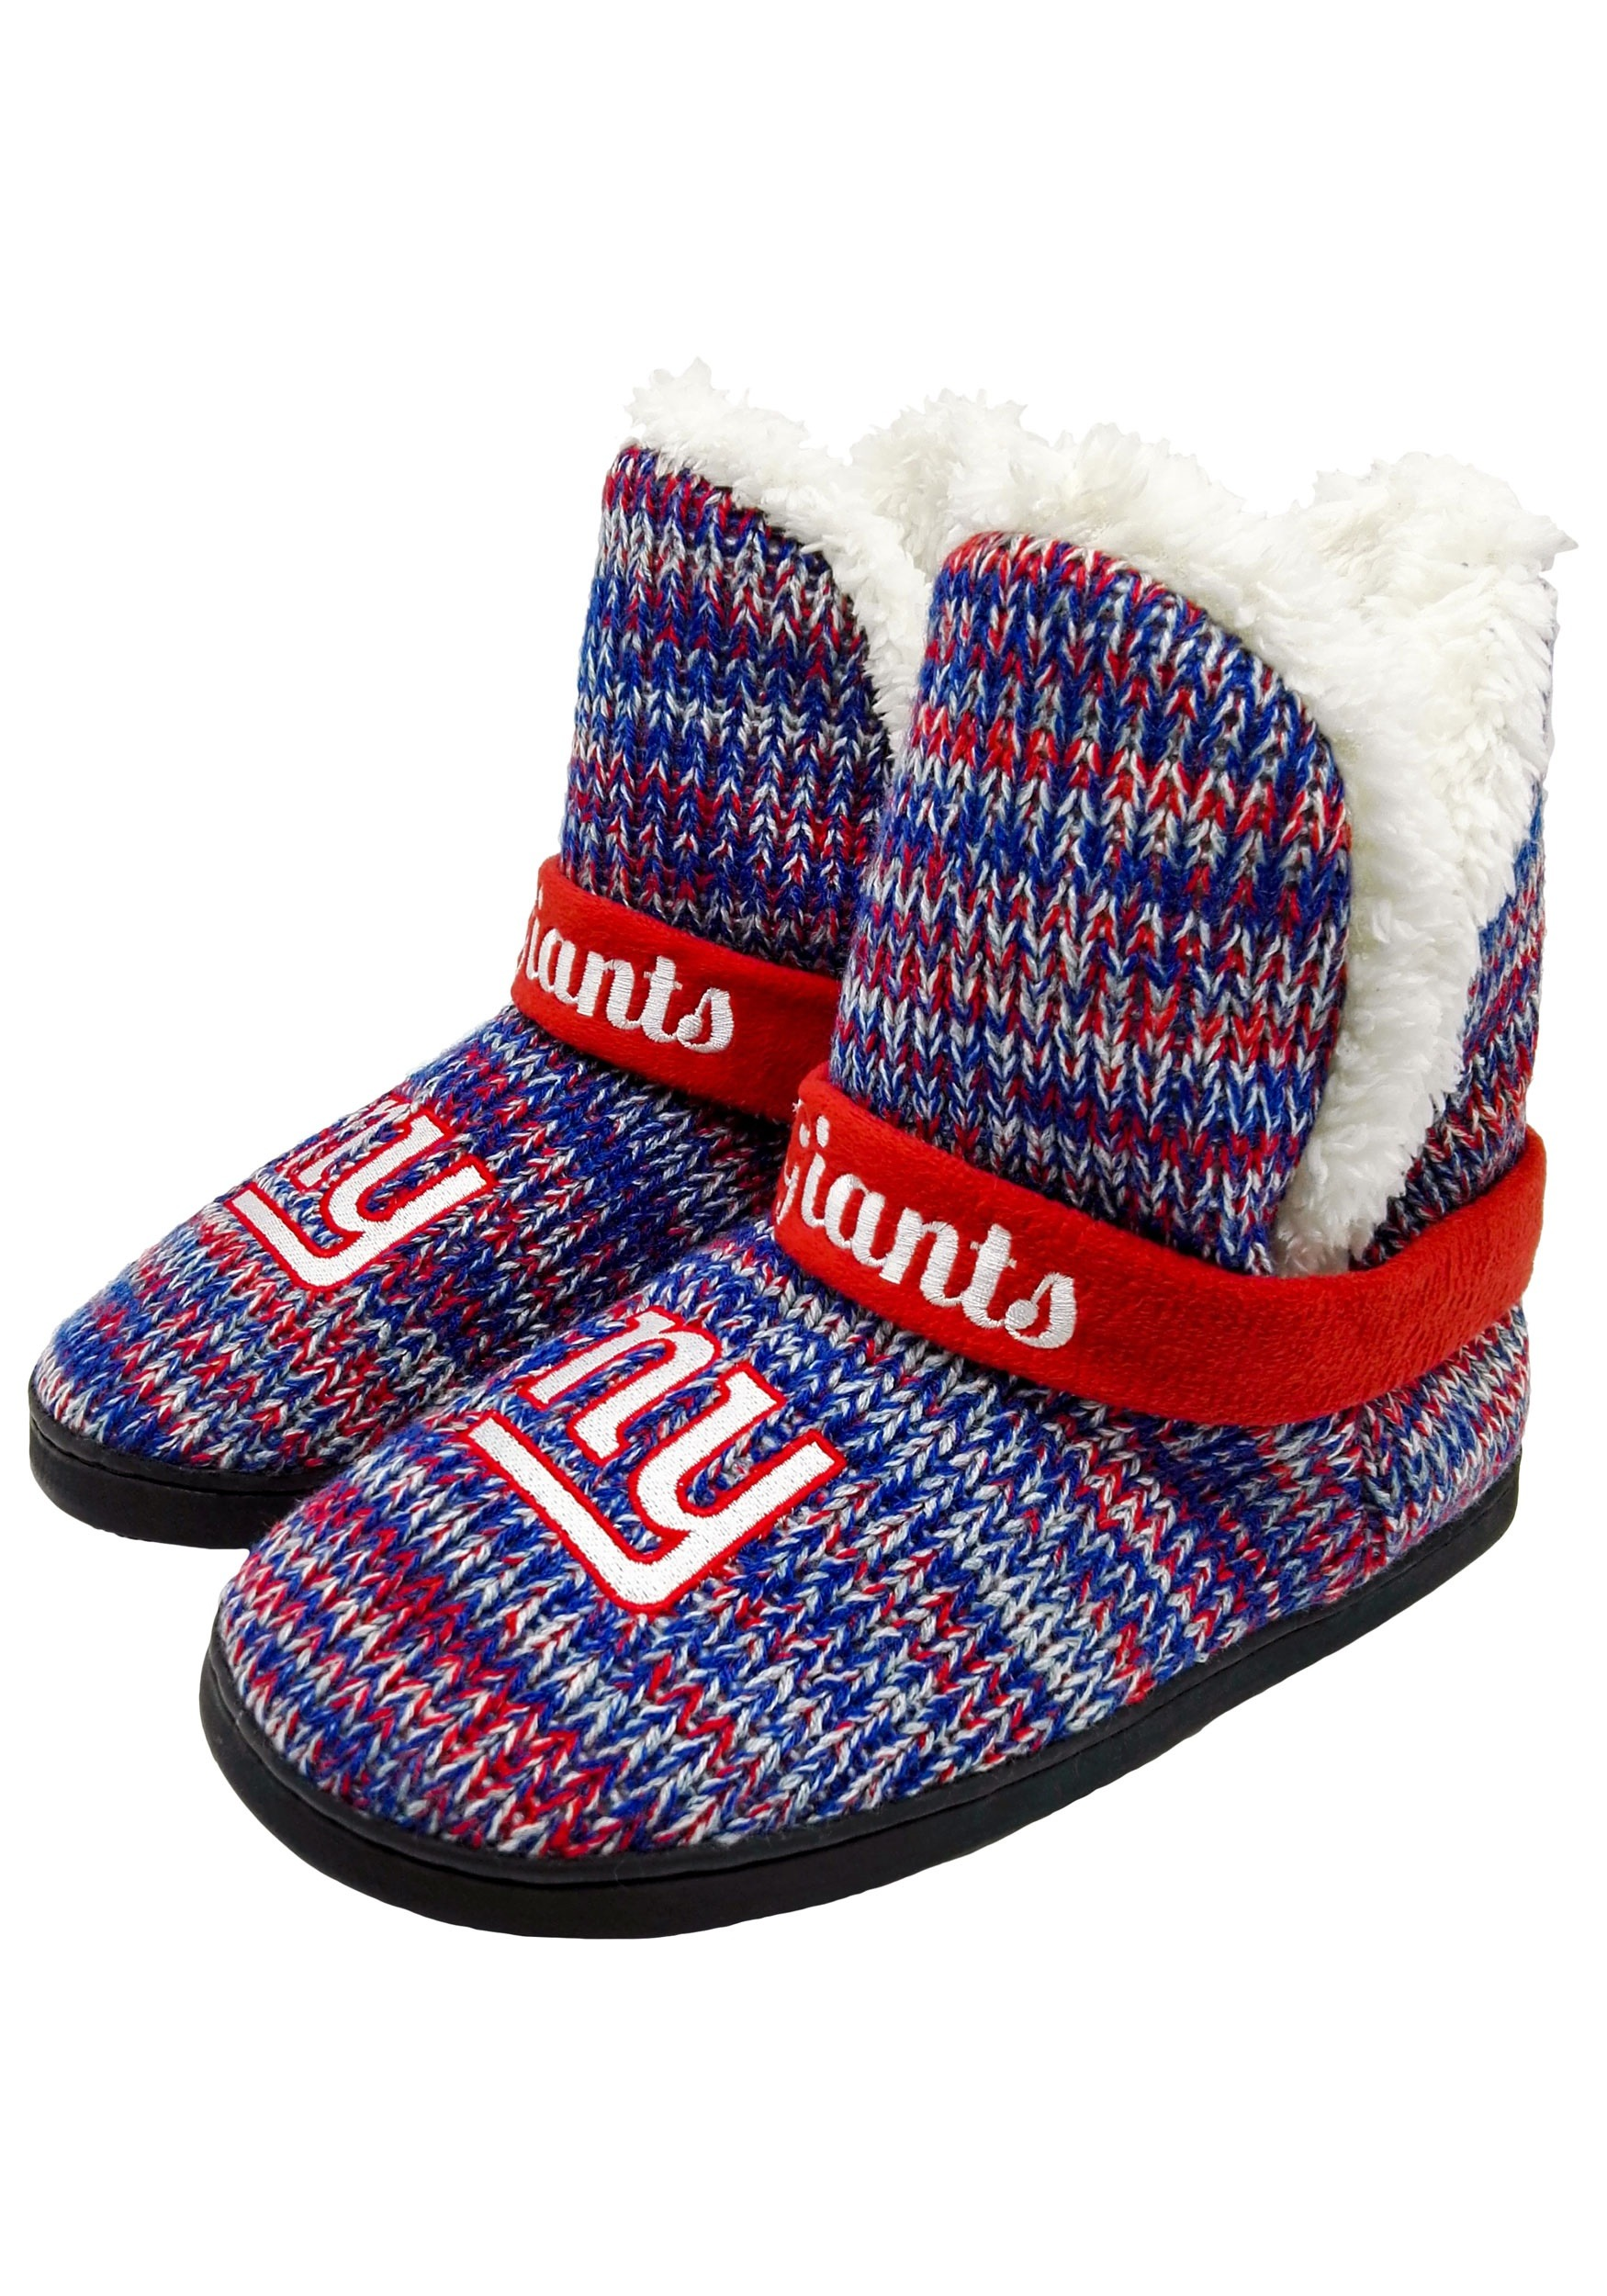 0ee33f4b899 New York Giants Women s Wordmark Peak Boots